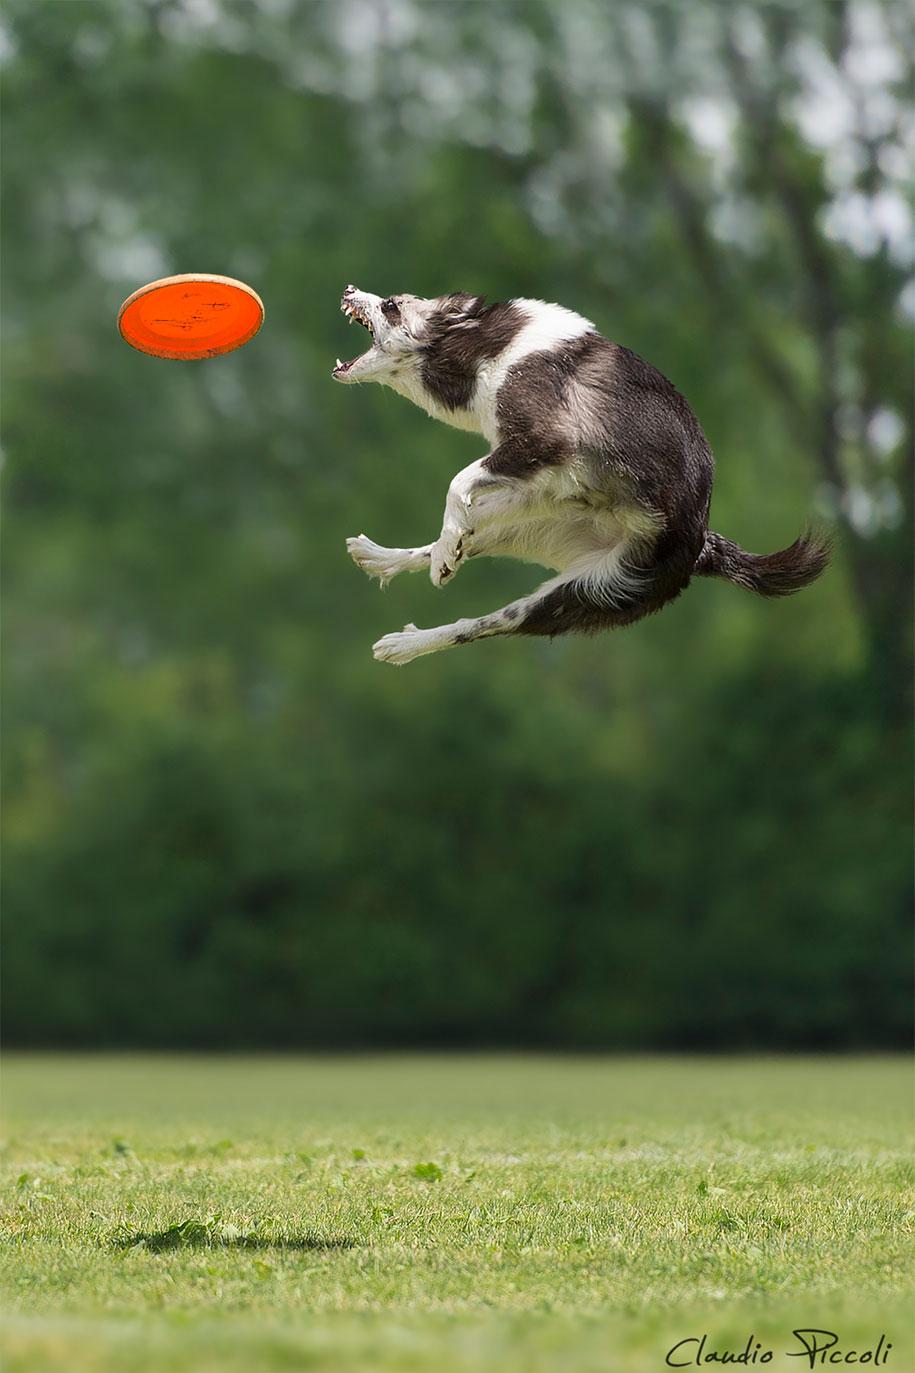 fotografia-cani-che-volano-frisbee-claudio-piccoli-14